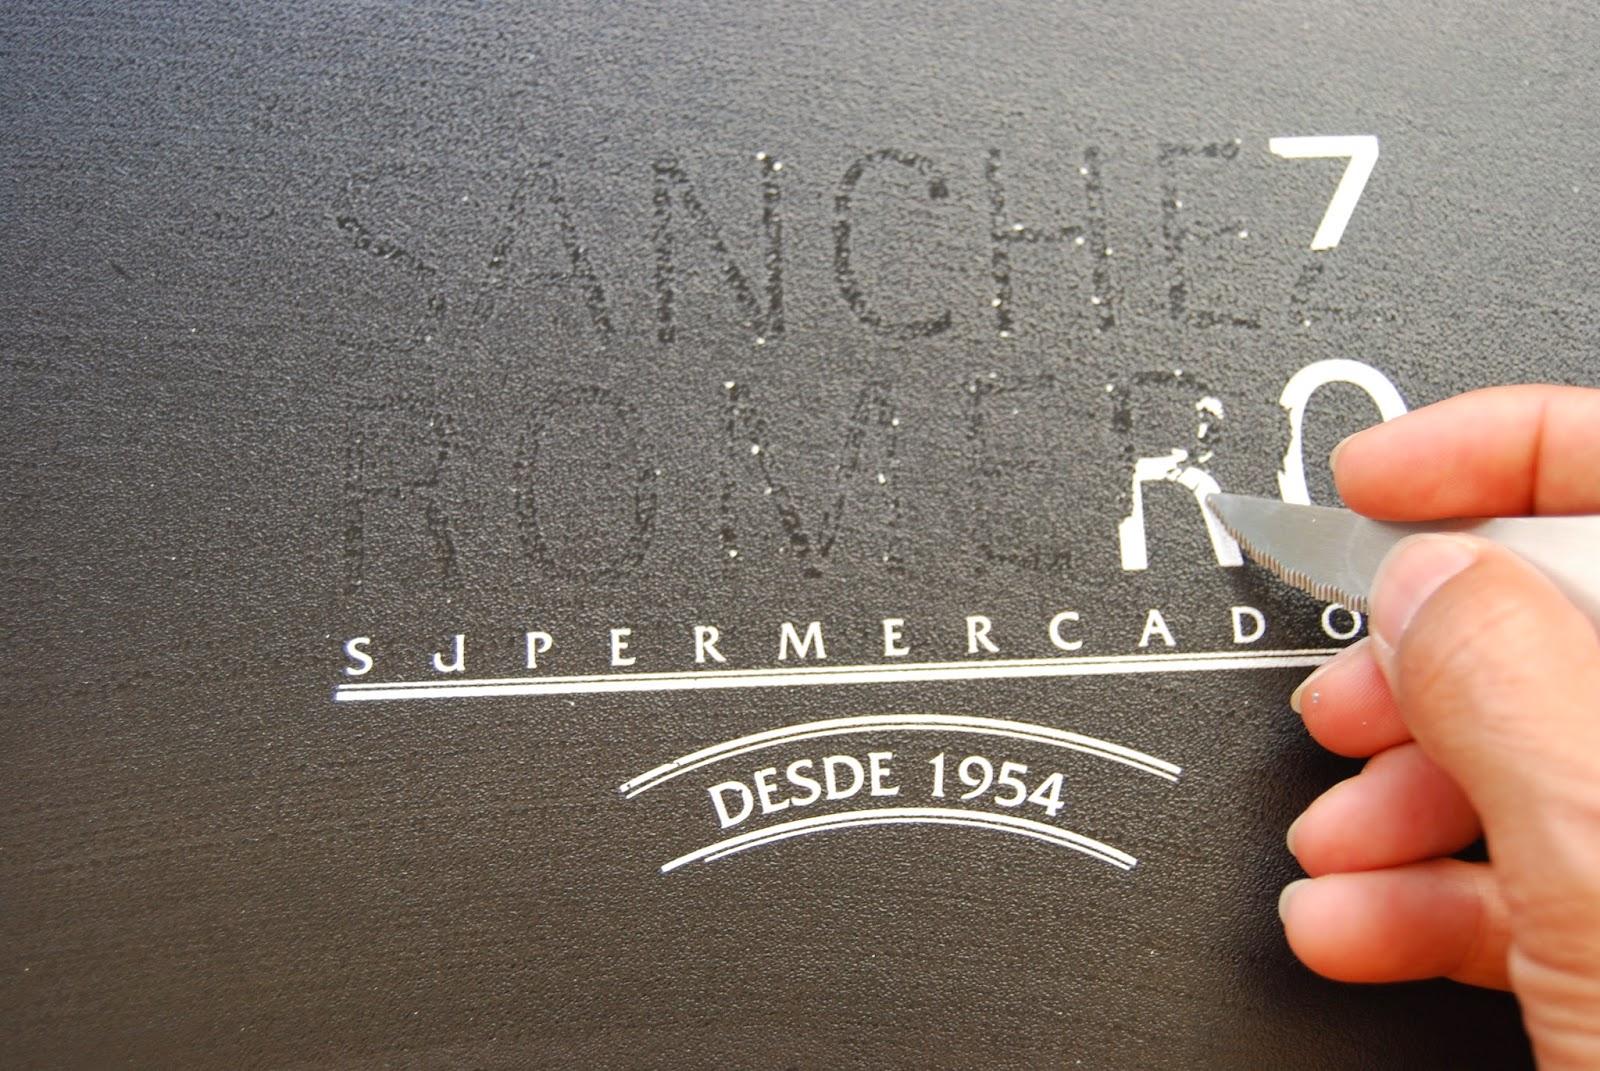 http://sosunnyblog.blogspot.com.es/2014/09/la-caja-de-madera-y-las-segundas.html